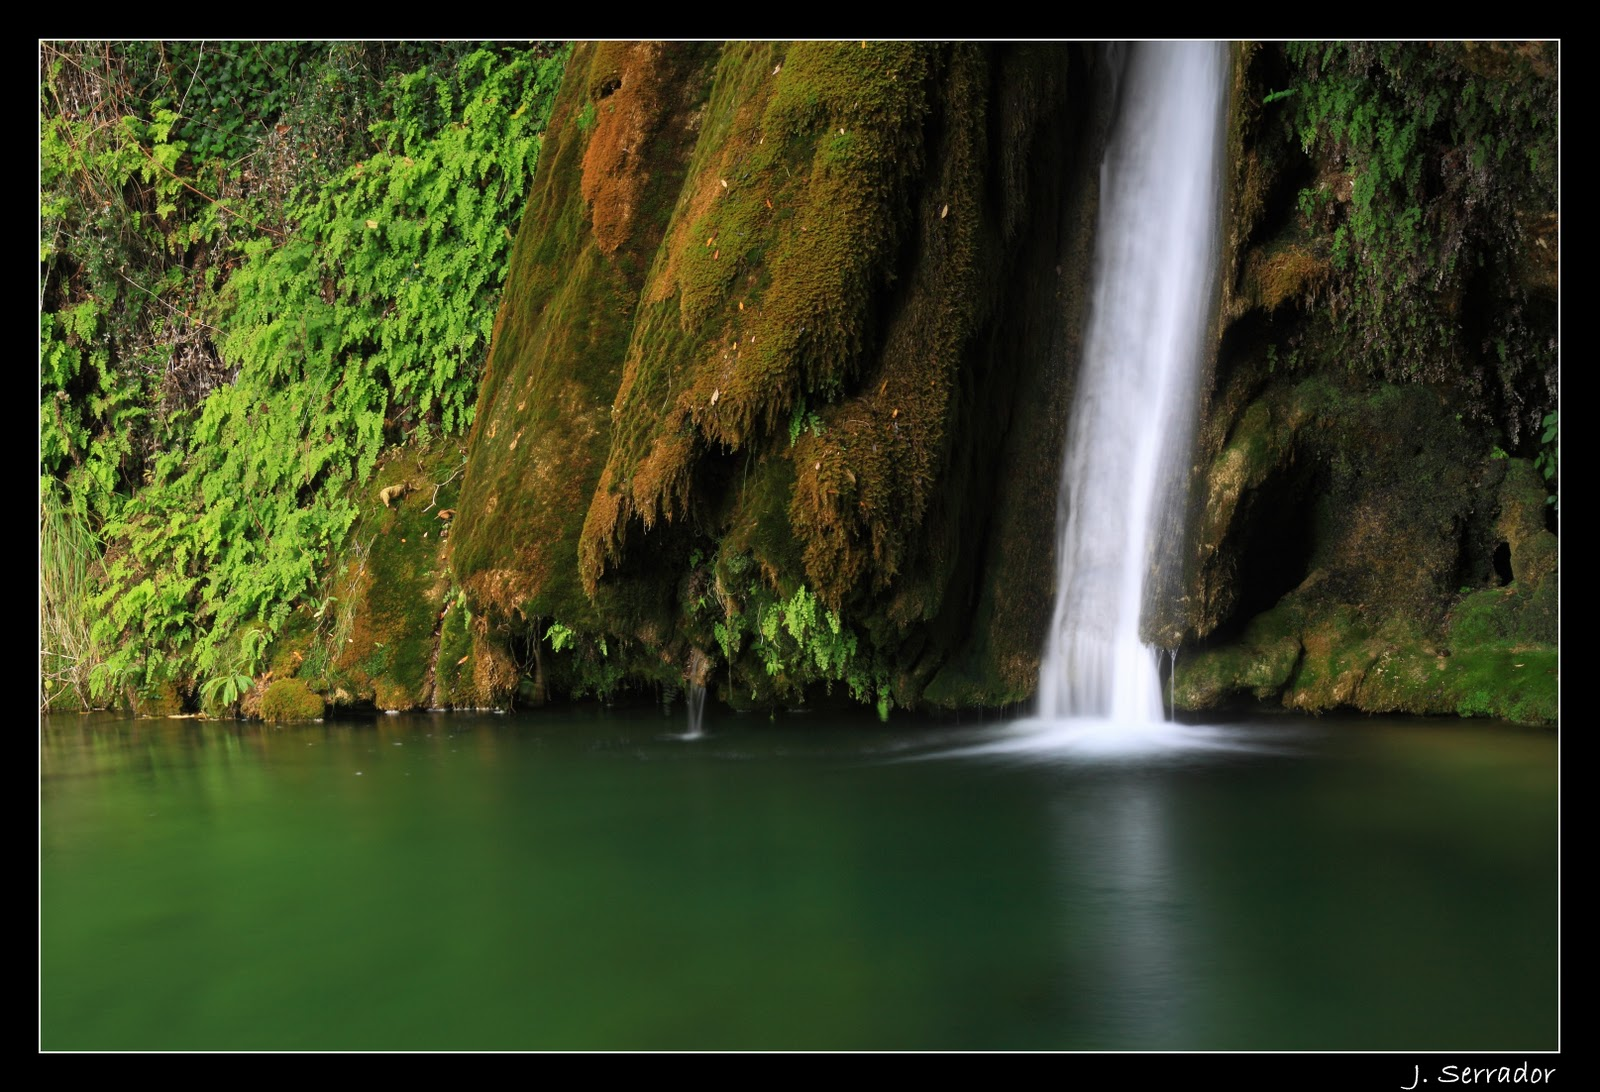 descubriendo PENYAGOLOSA: Sant Joan de Penyagolosa - río Carbo